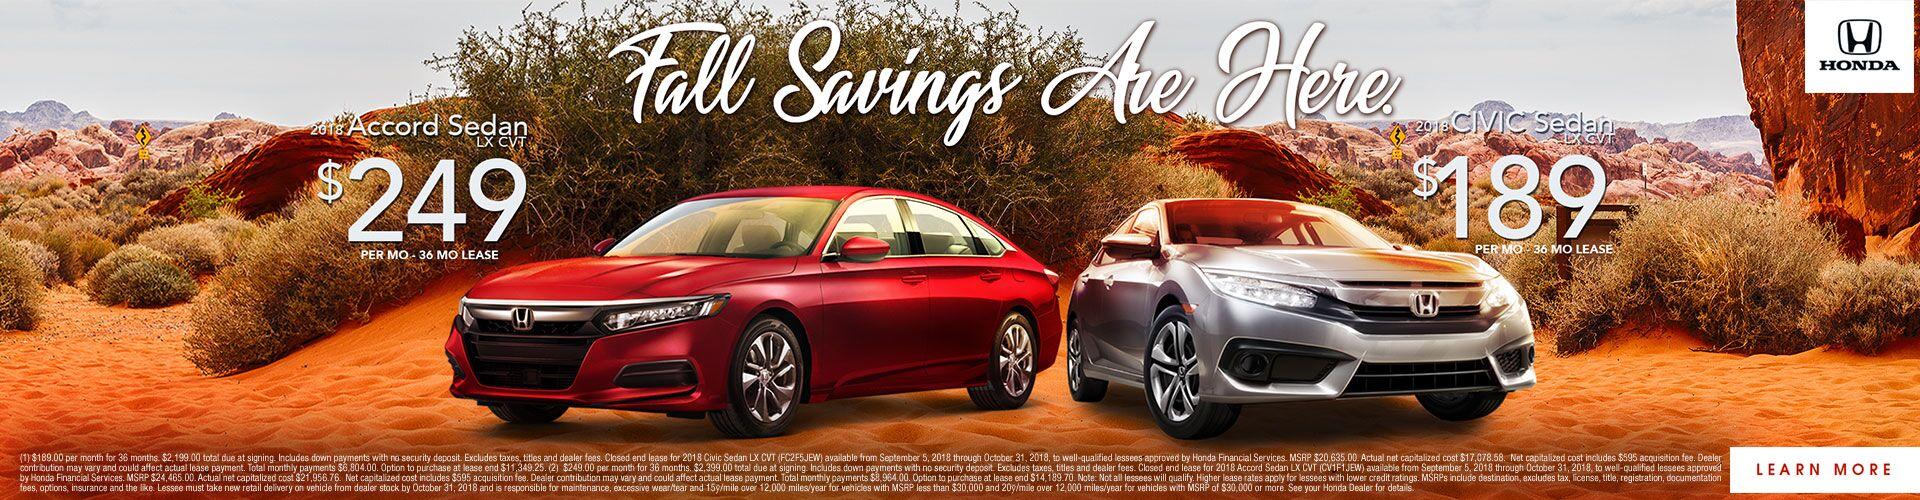 Fall Savings Are Here!